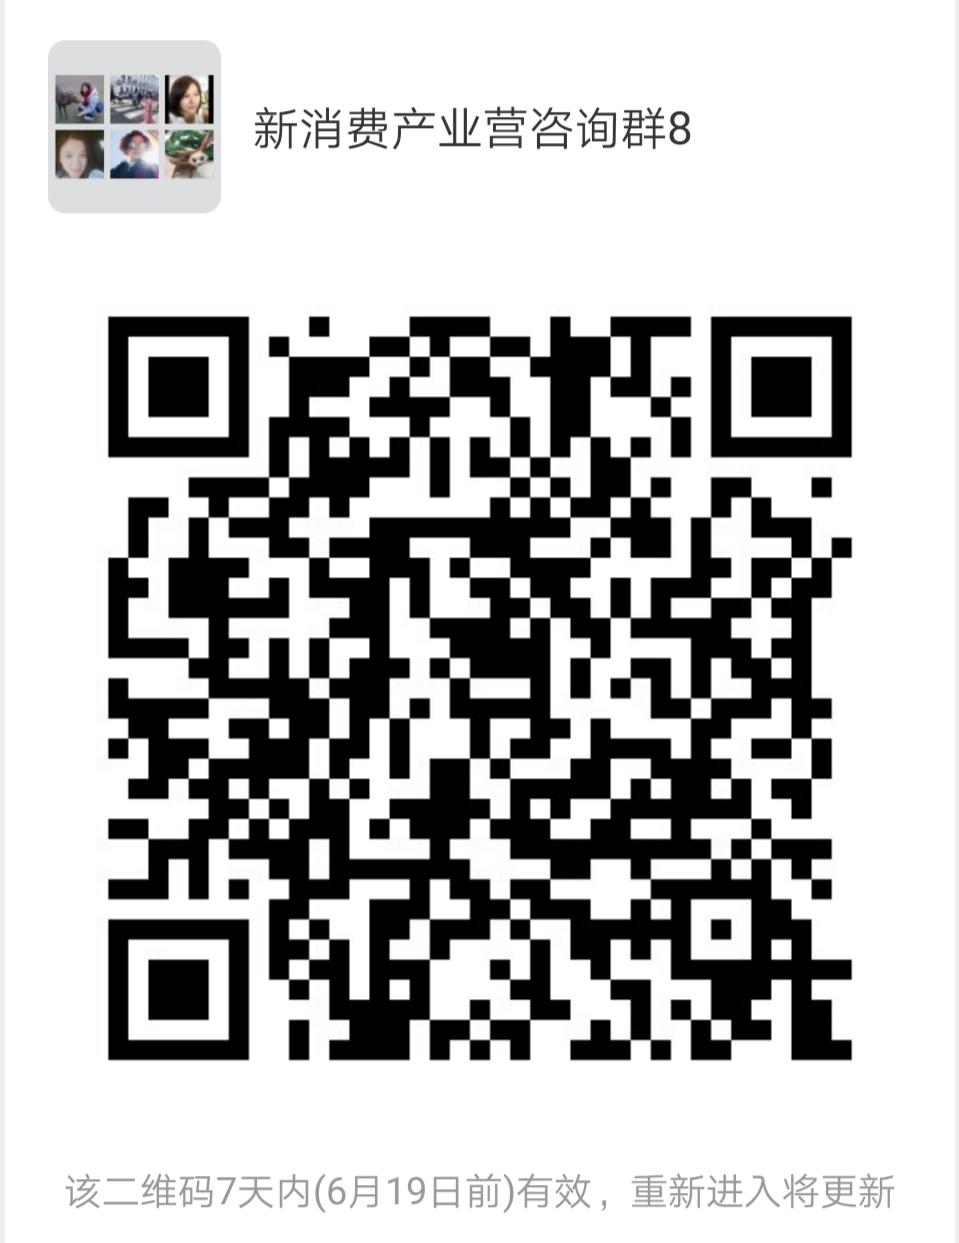 微信图片_20190612185046.png